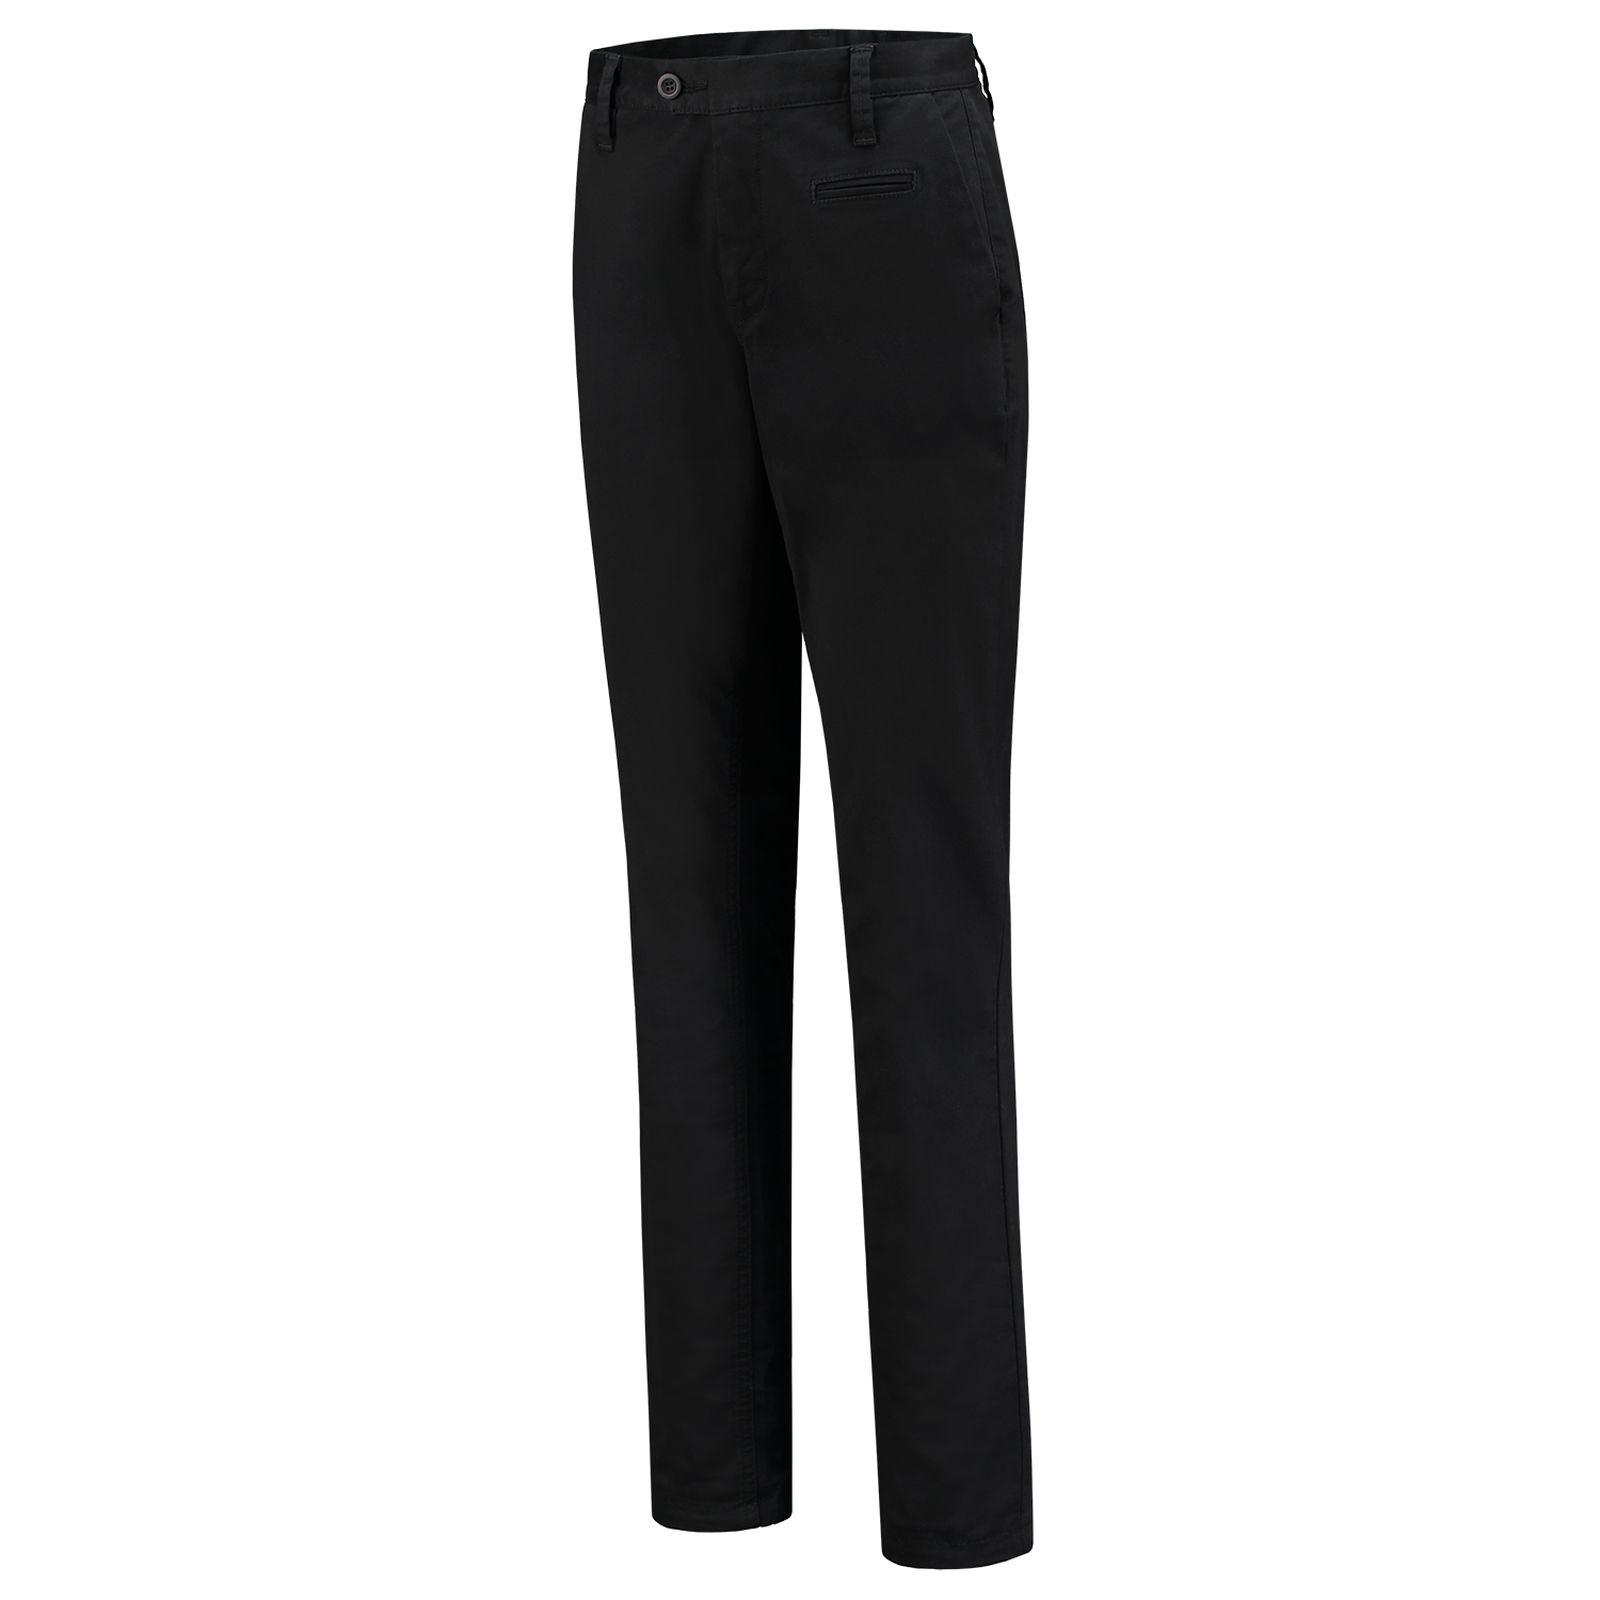 Tricorp Casual Broeken 501001 zwart(Black)